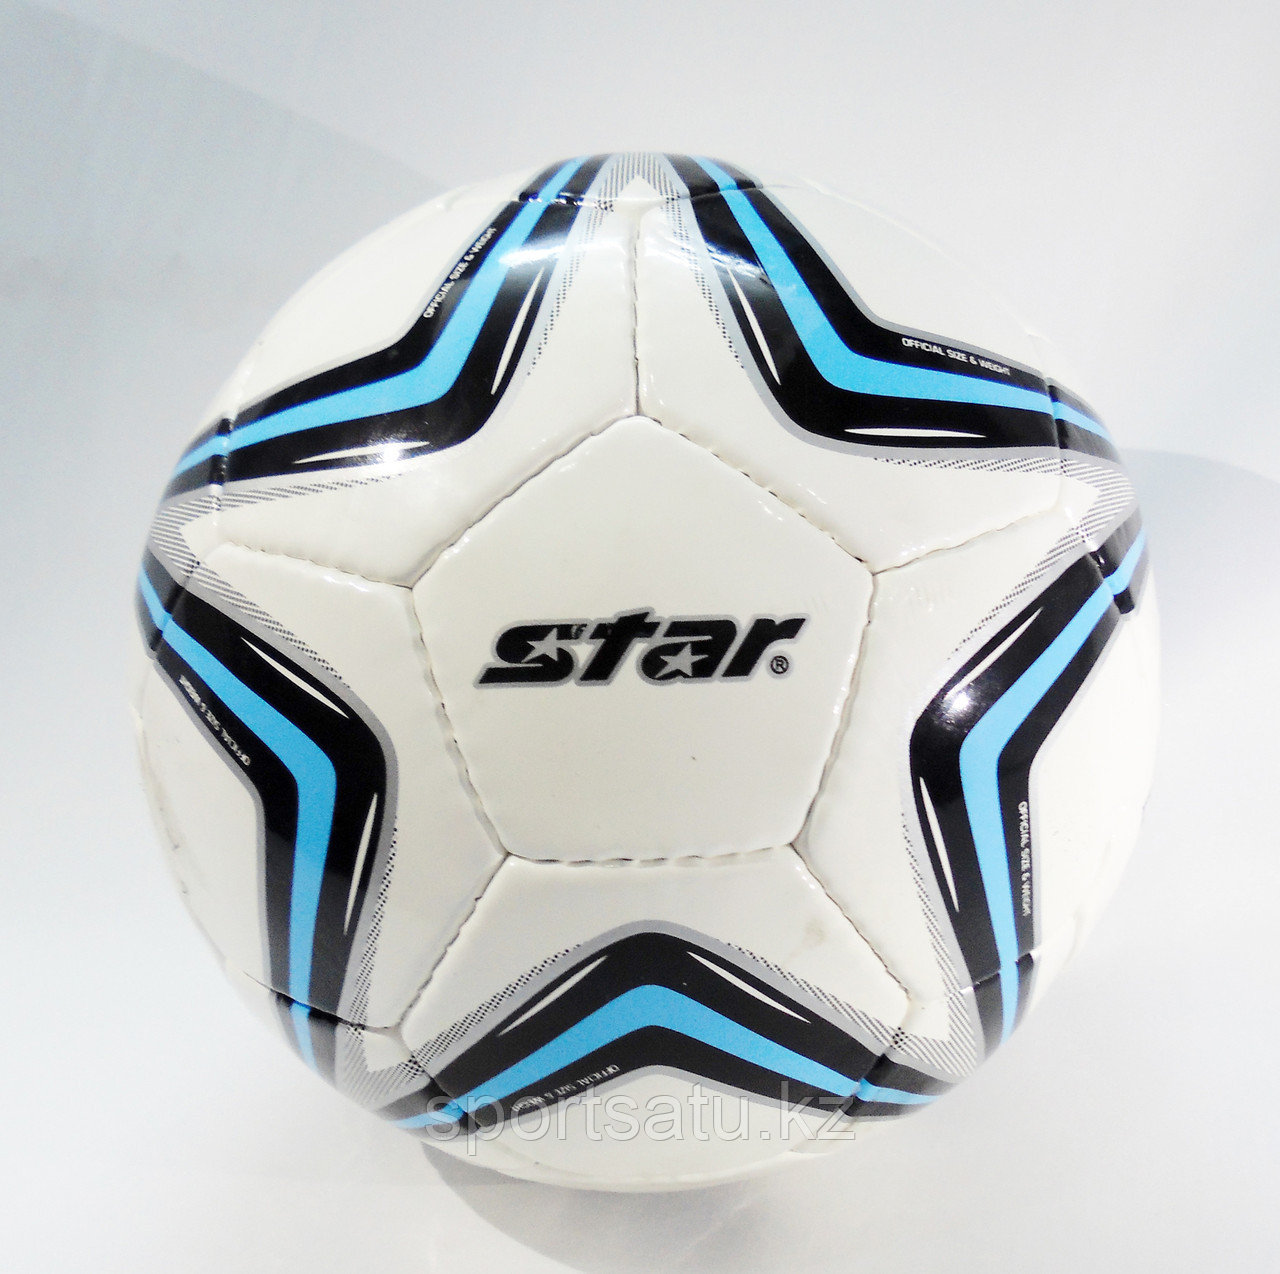 Футбольный мяч Star Polaris 2000